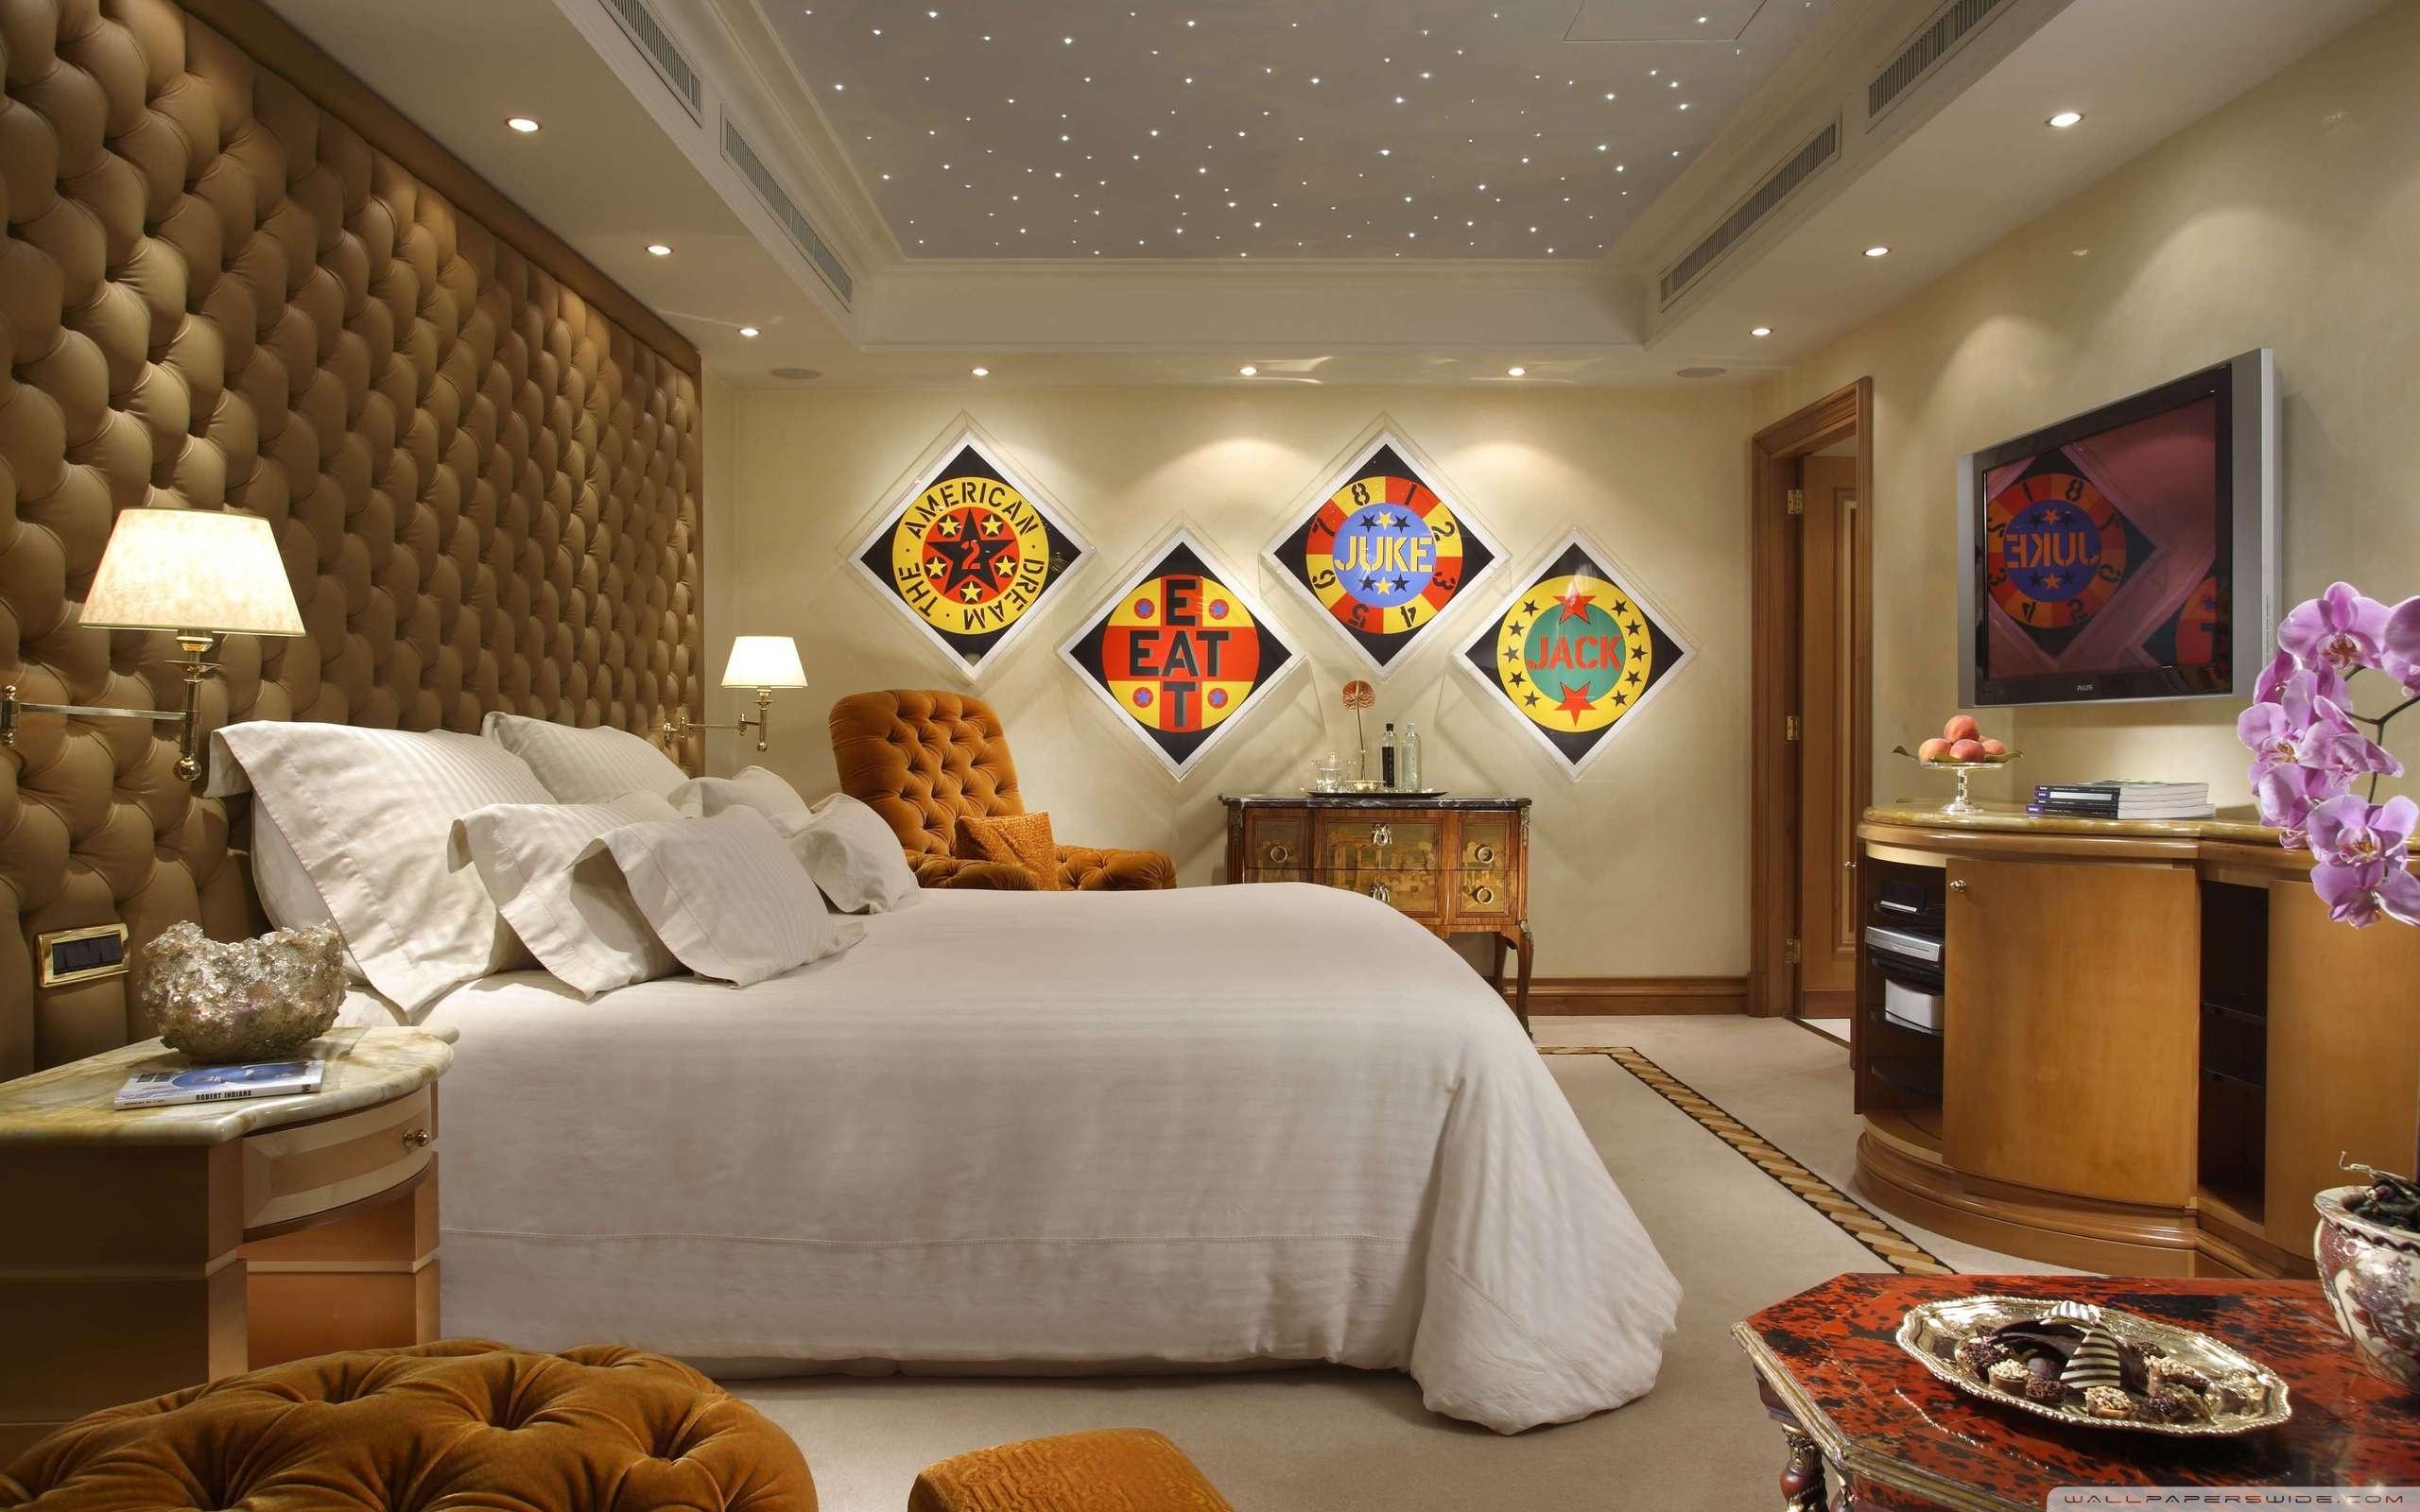 Wallpapers for Bedrooms Homedeecom 2560x1600